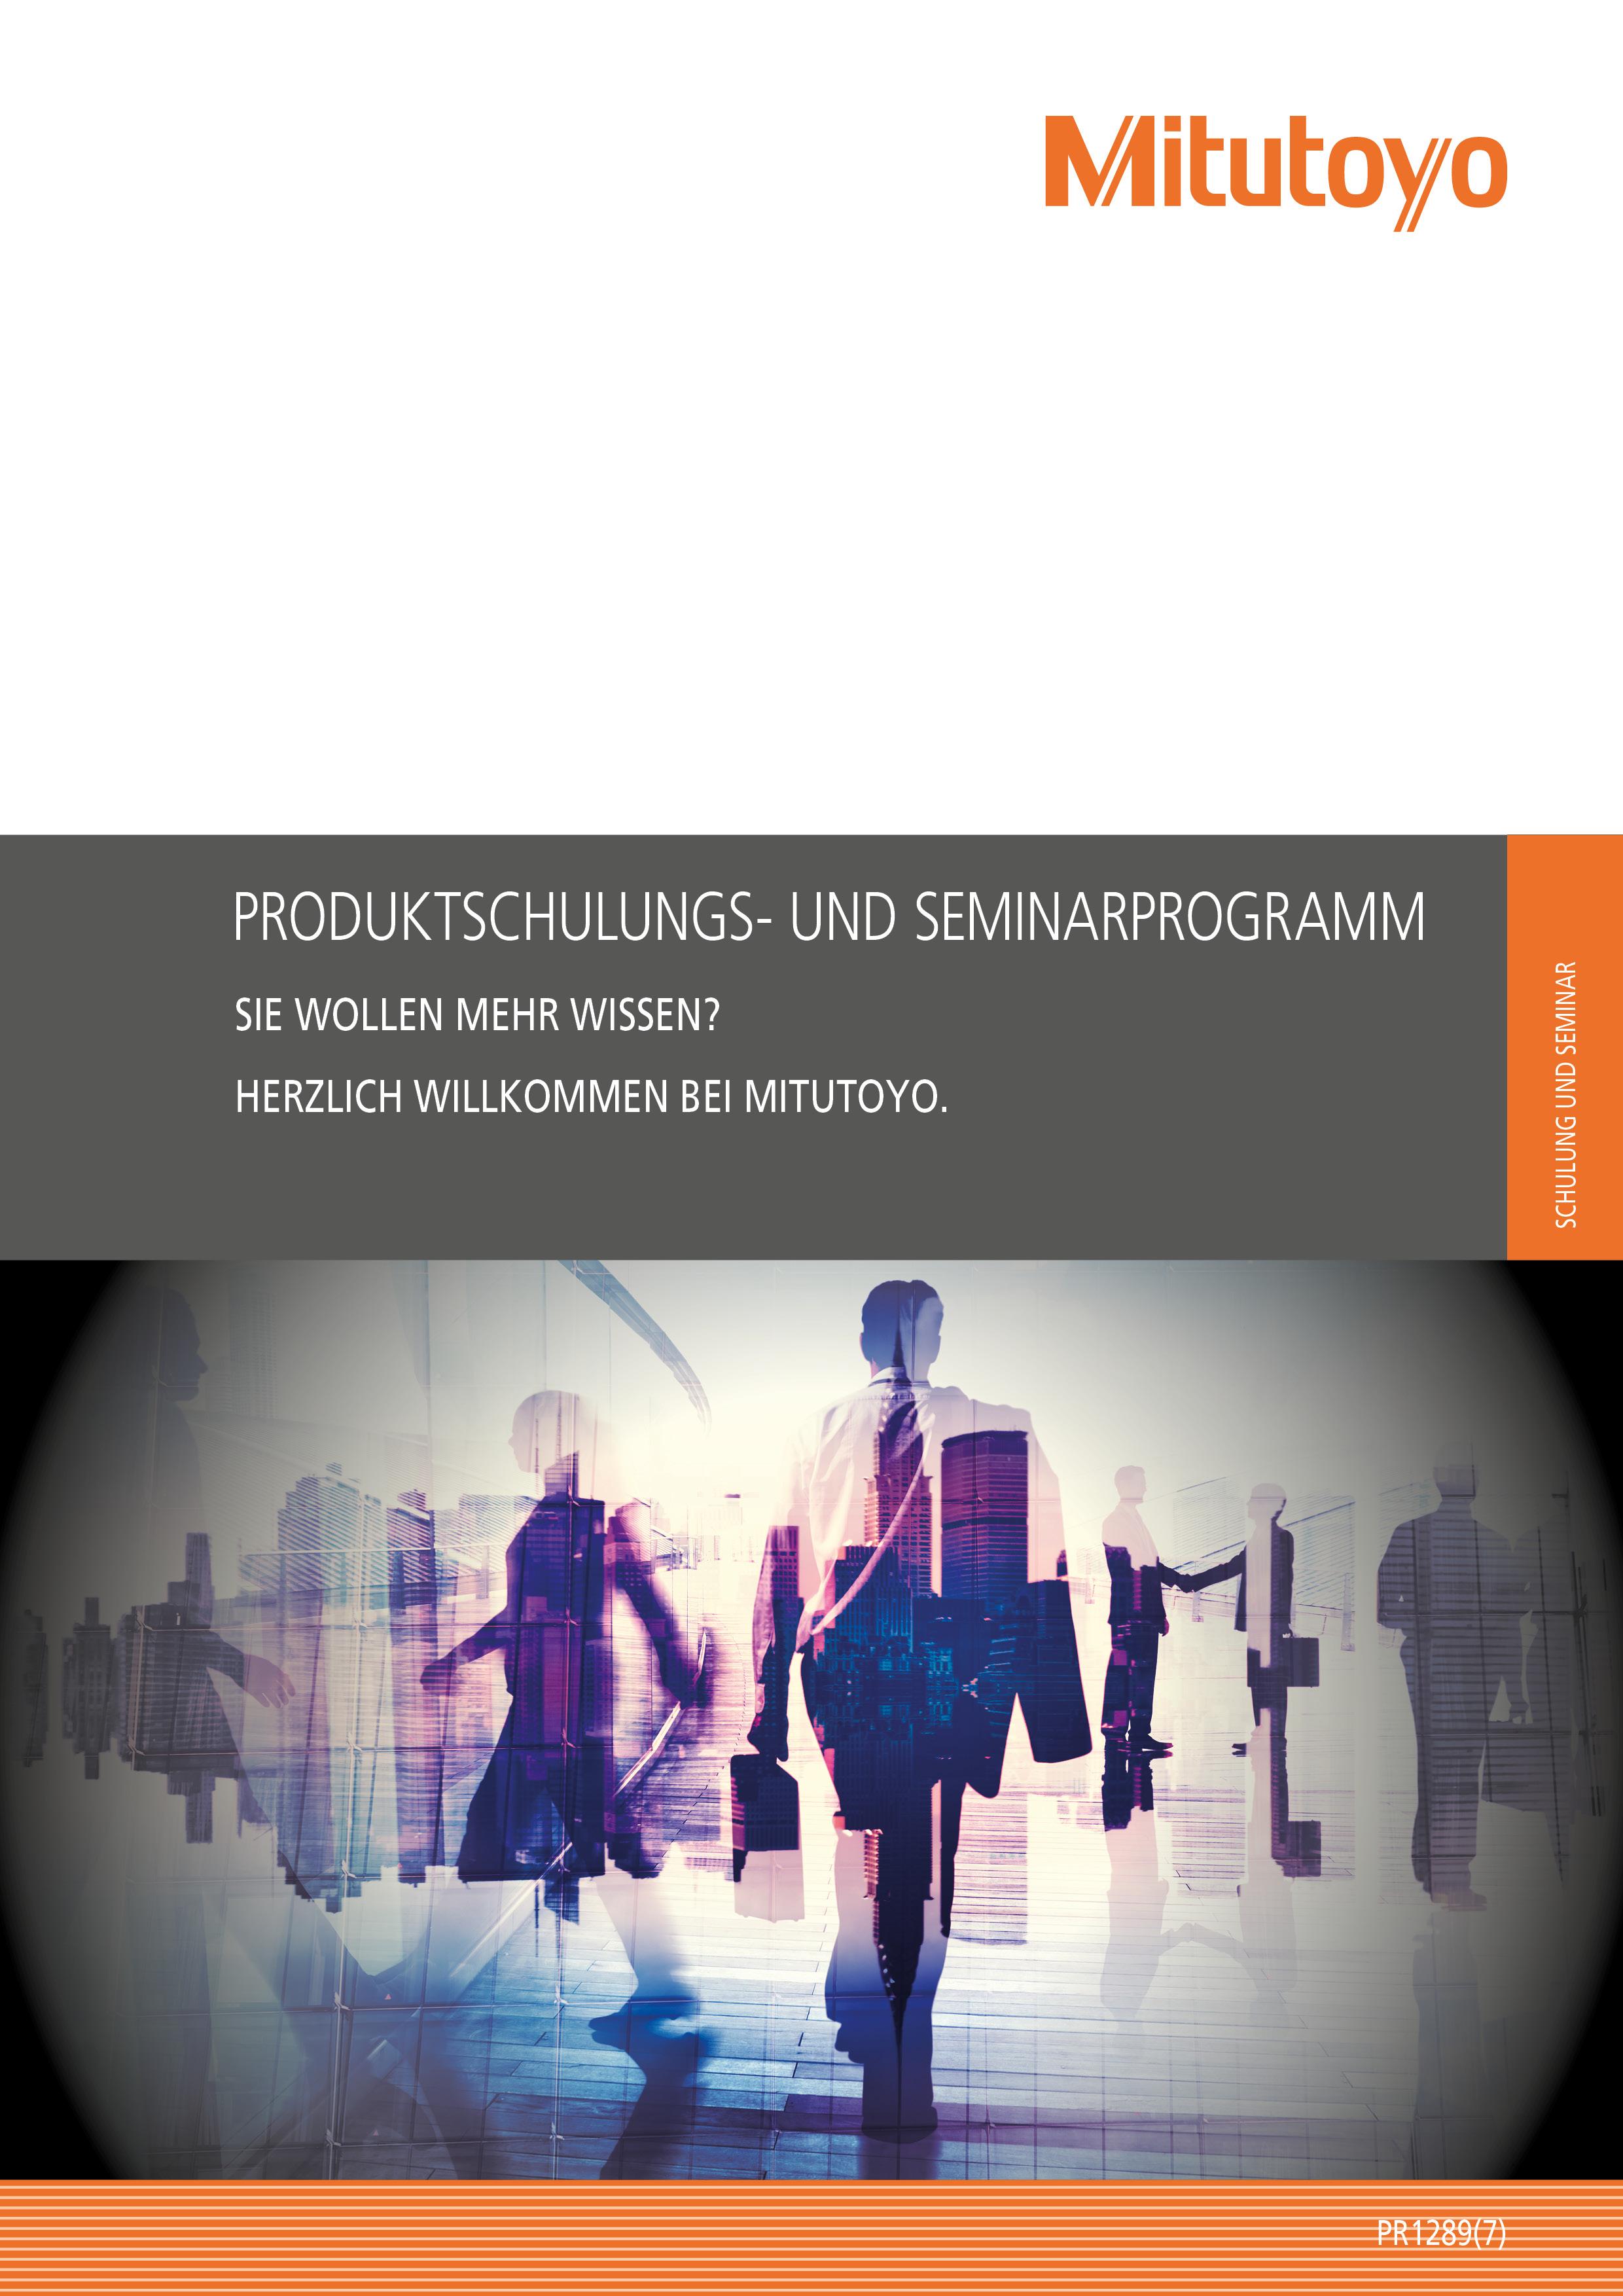 PR1289(7)_Produktschulungs-und_Seminarprogramm_TITEL.jpg